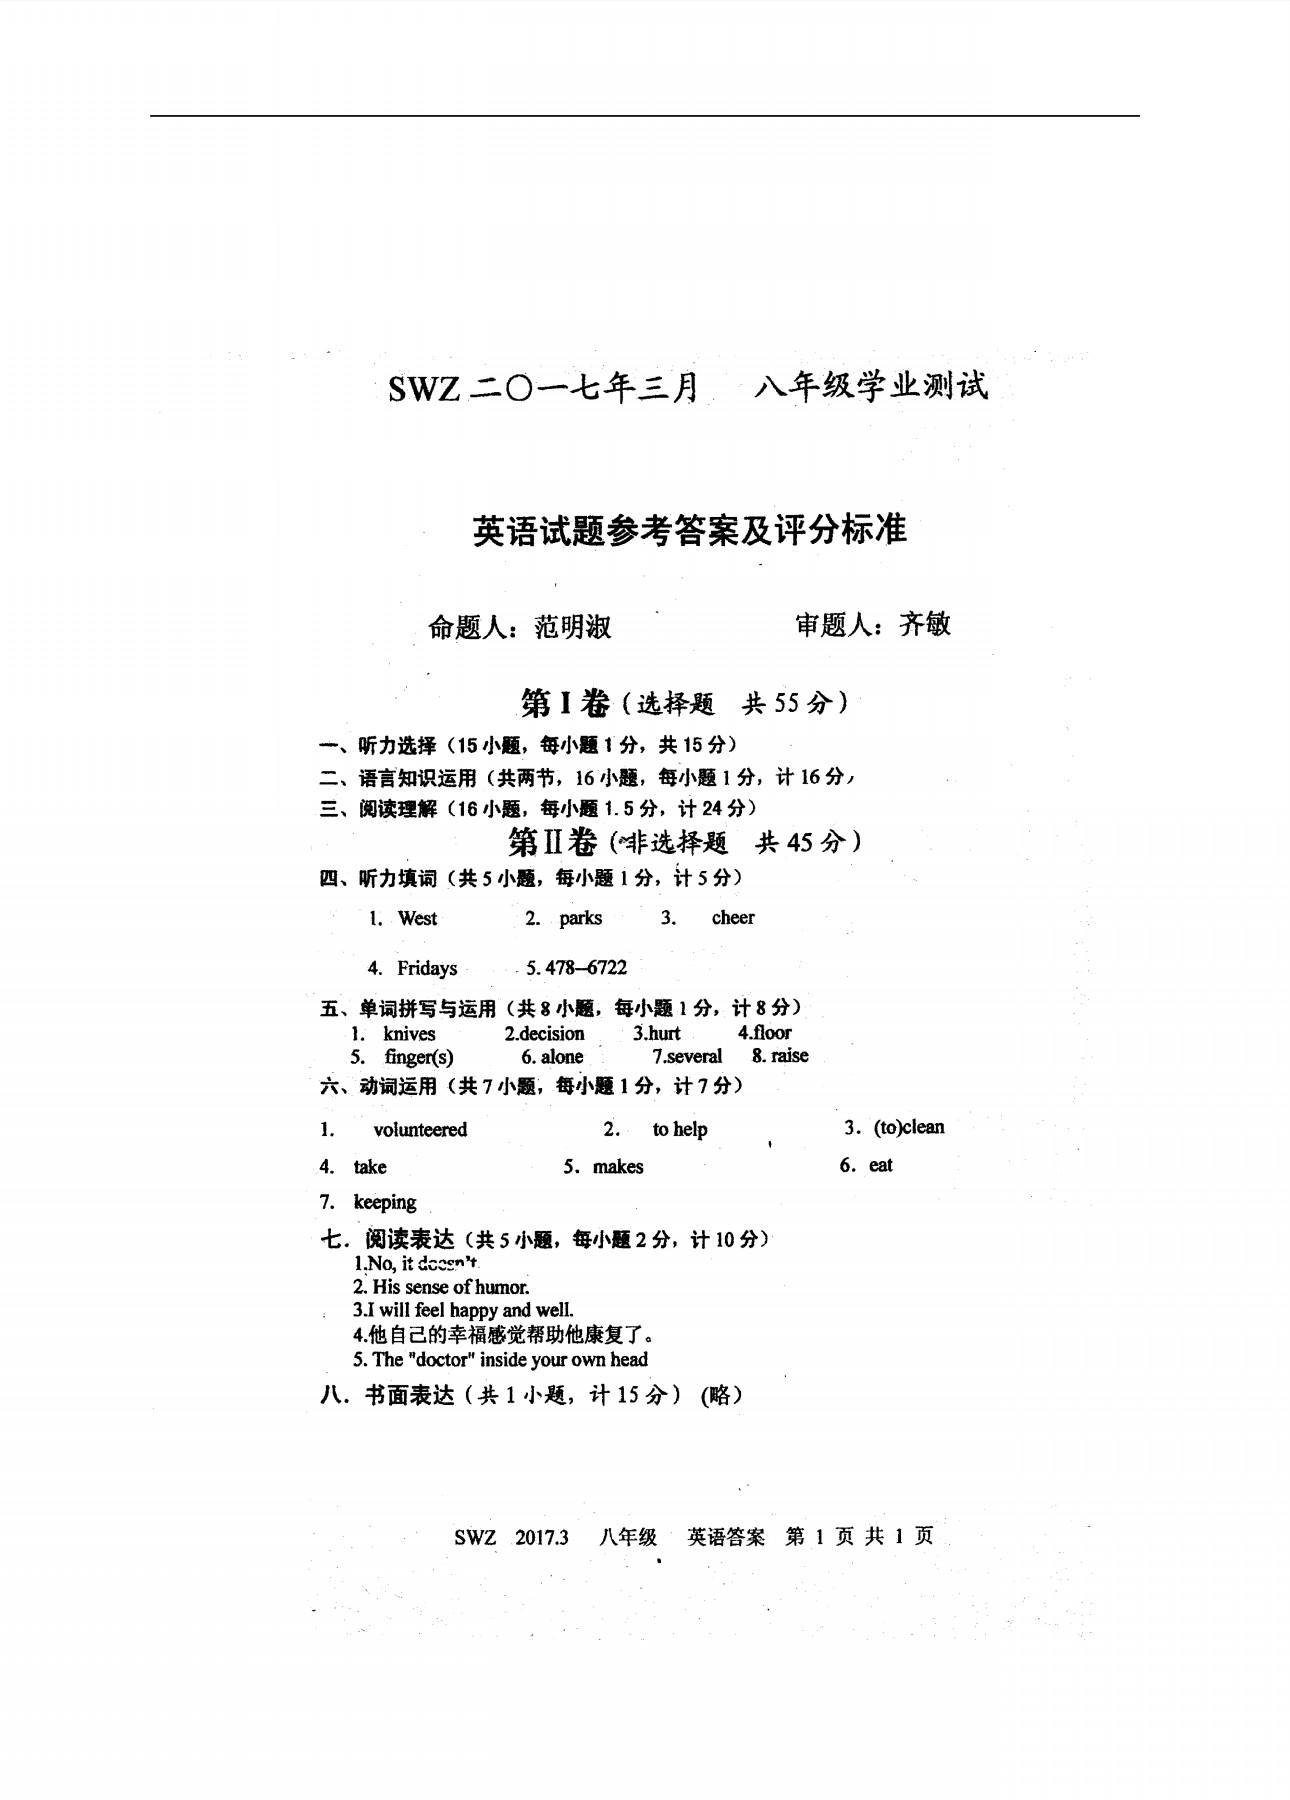 山东三维斋2016-2017八年级3月学业测试英语试题答案(Word版)